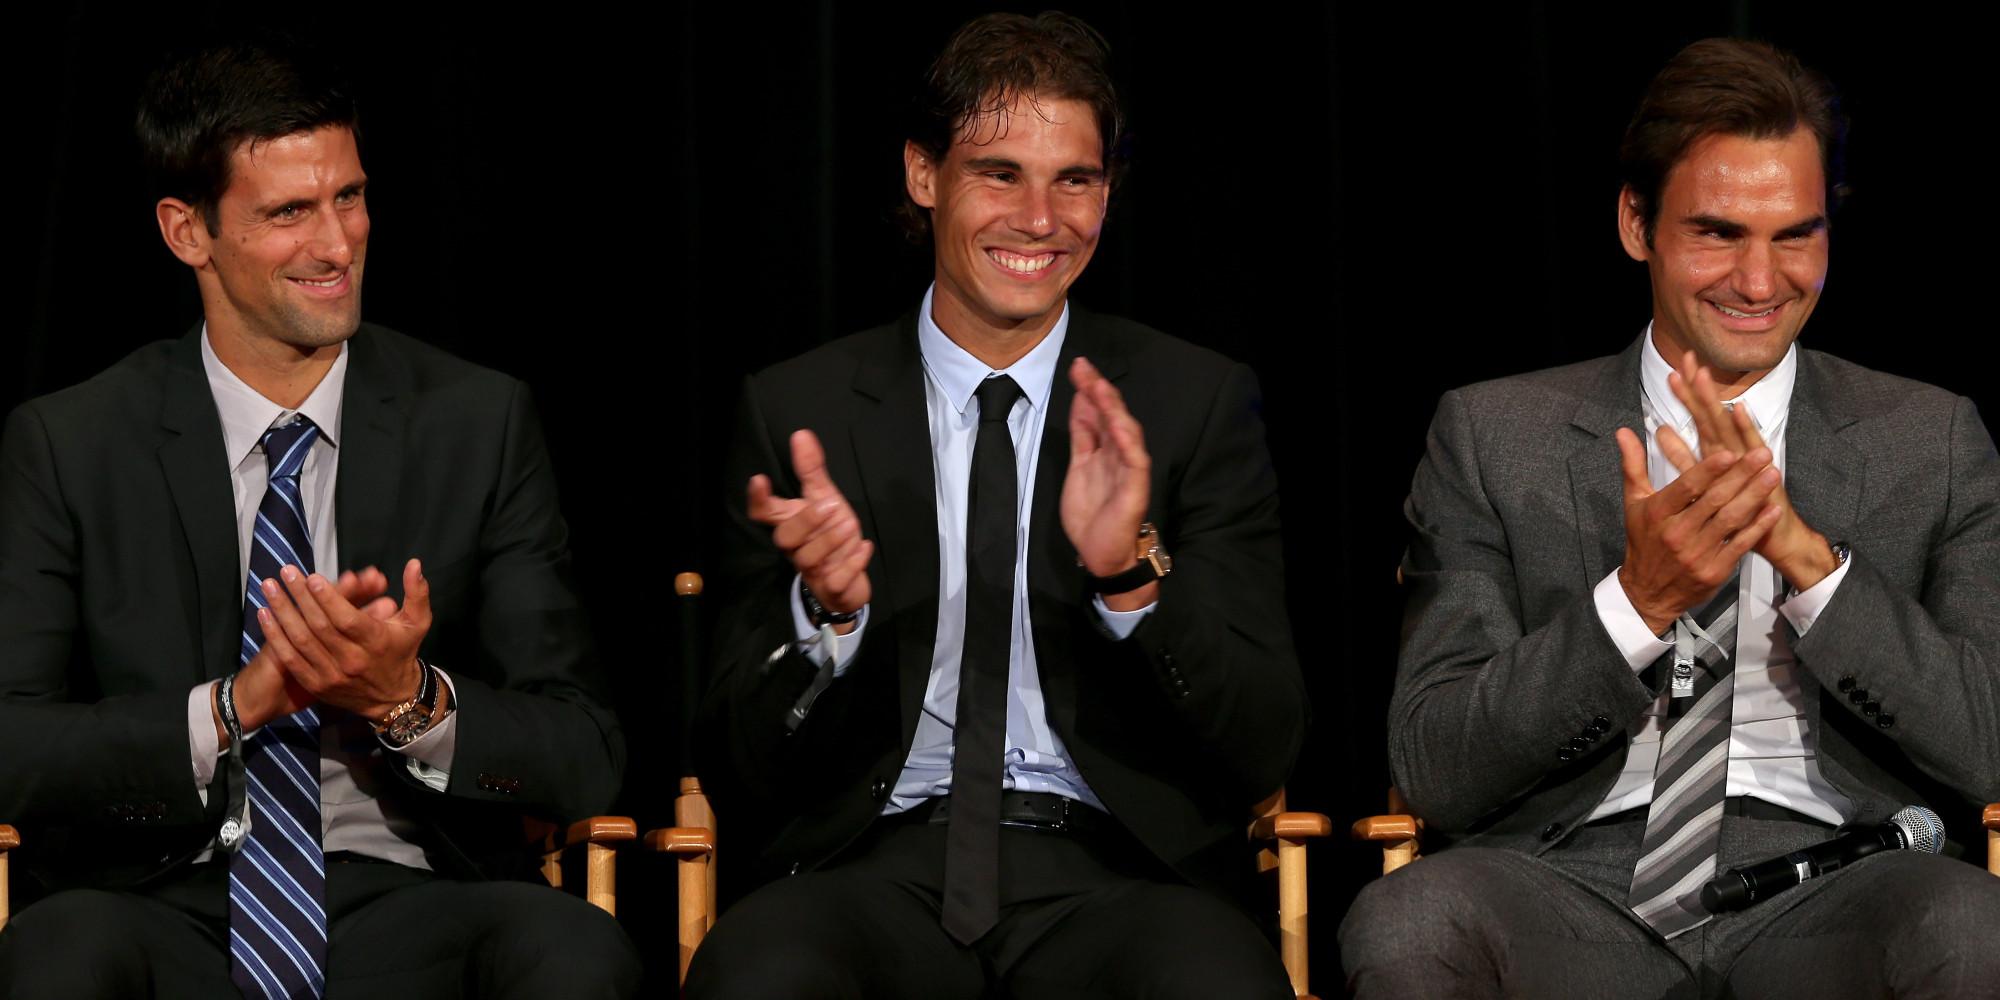 Federer vs Nadal vs Djokovic. Image Courtesy: HuffPost